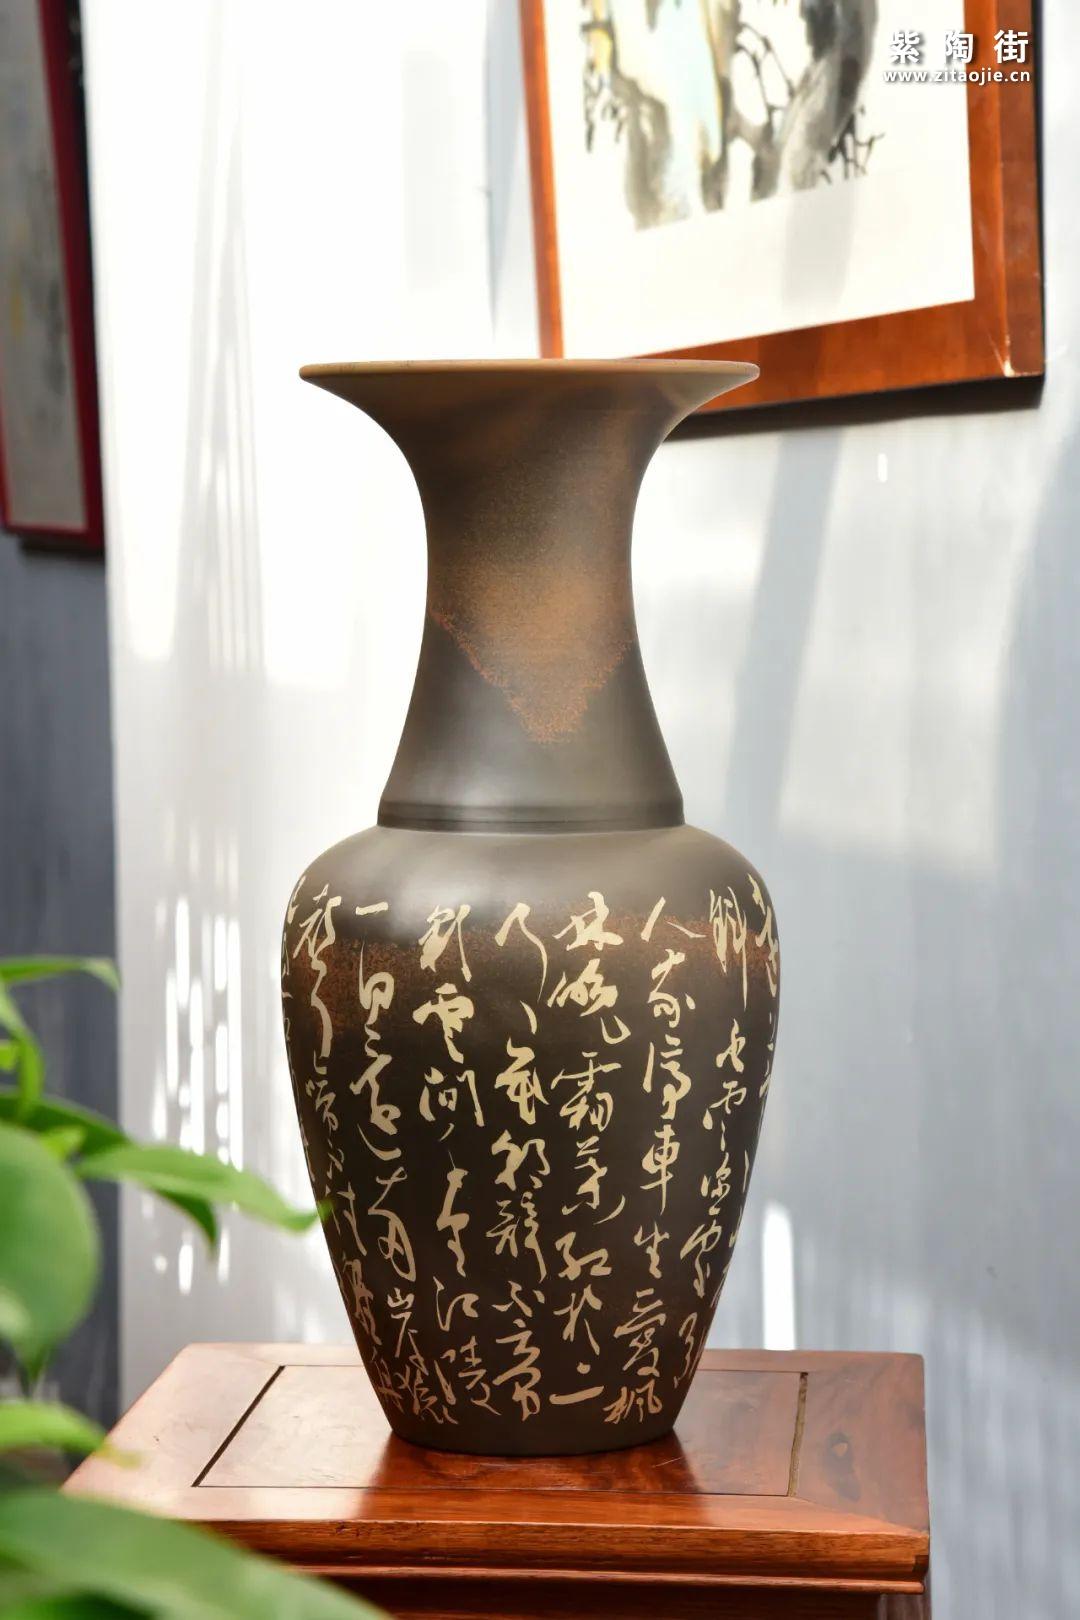 常见的几种建水紫陶瓶型插图2